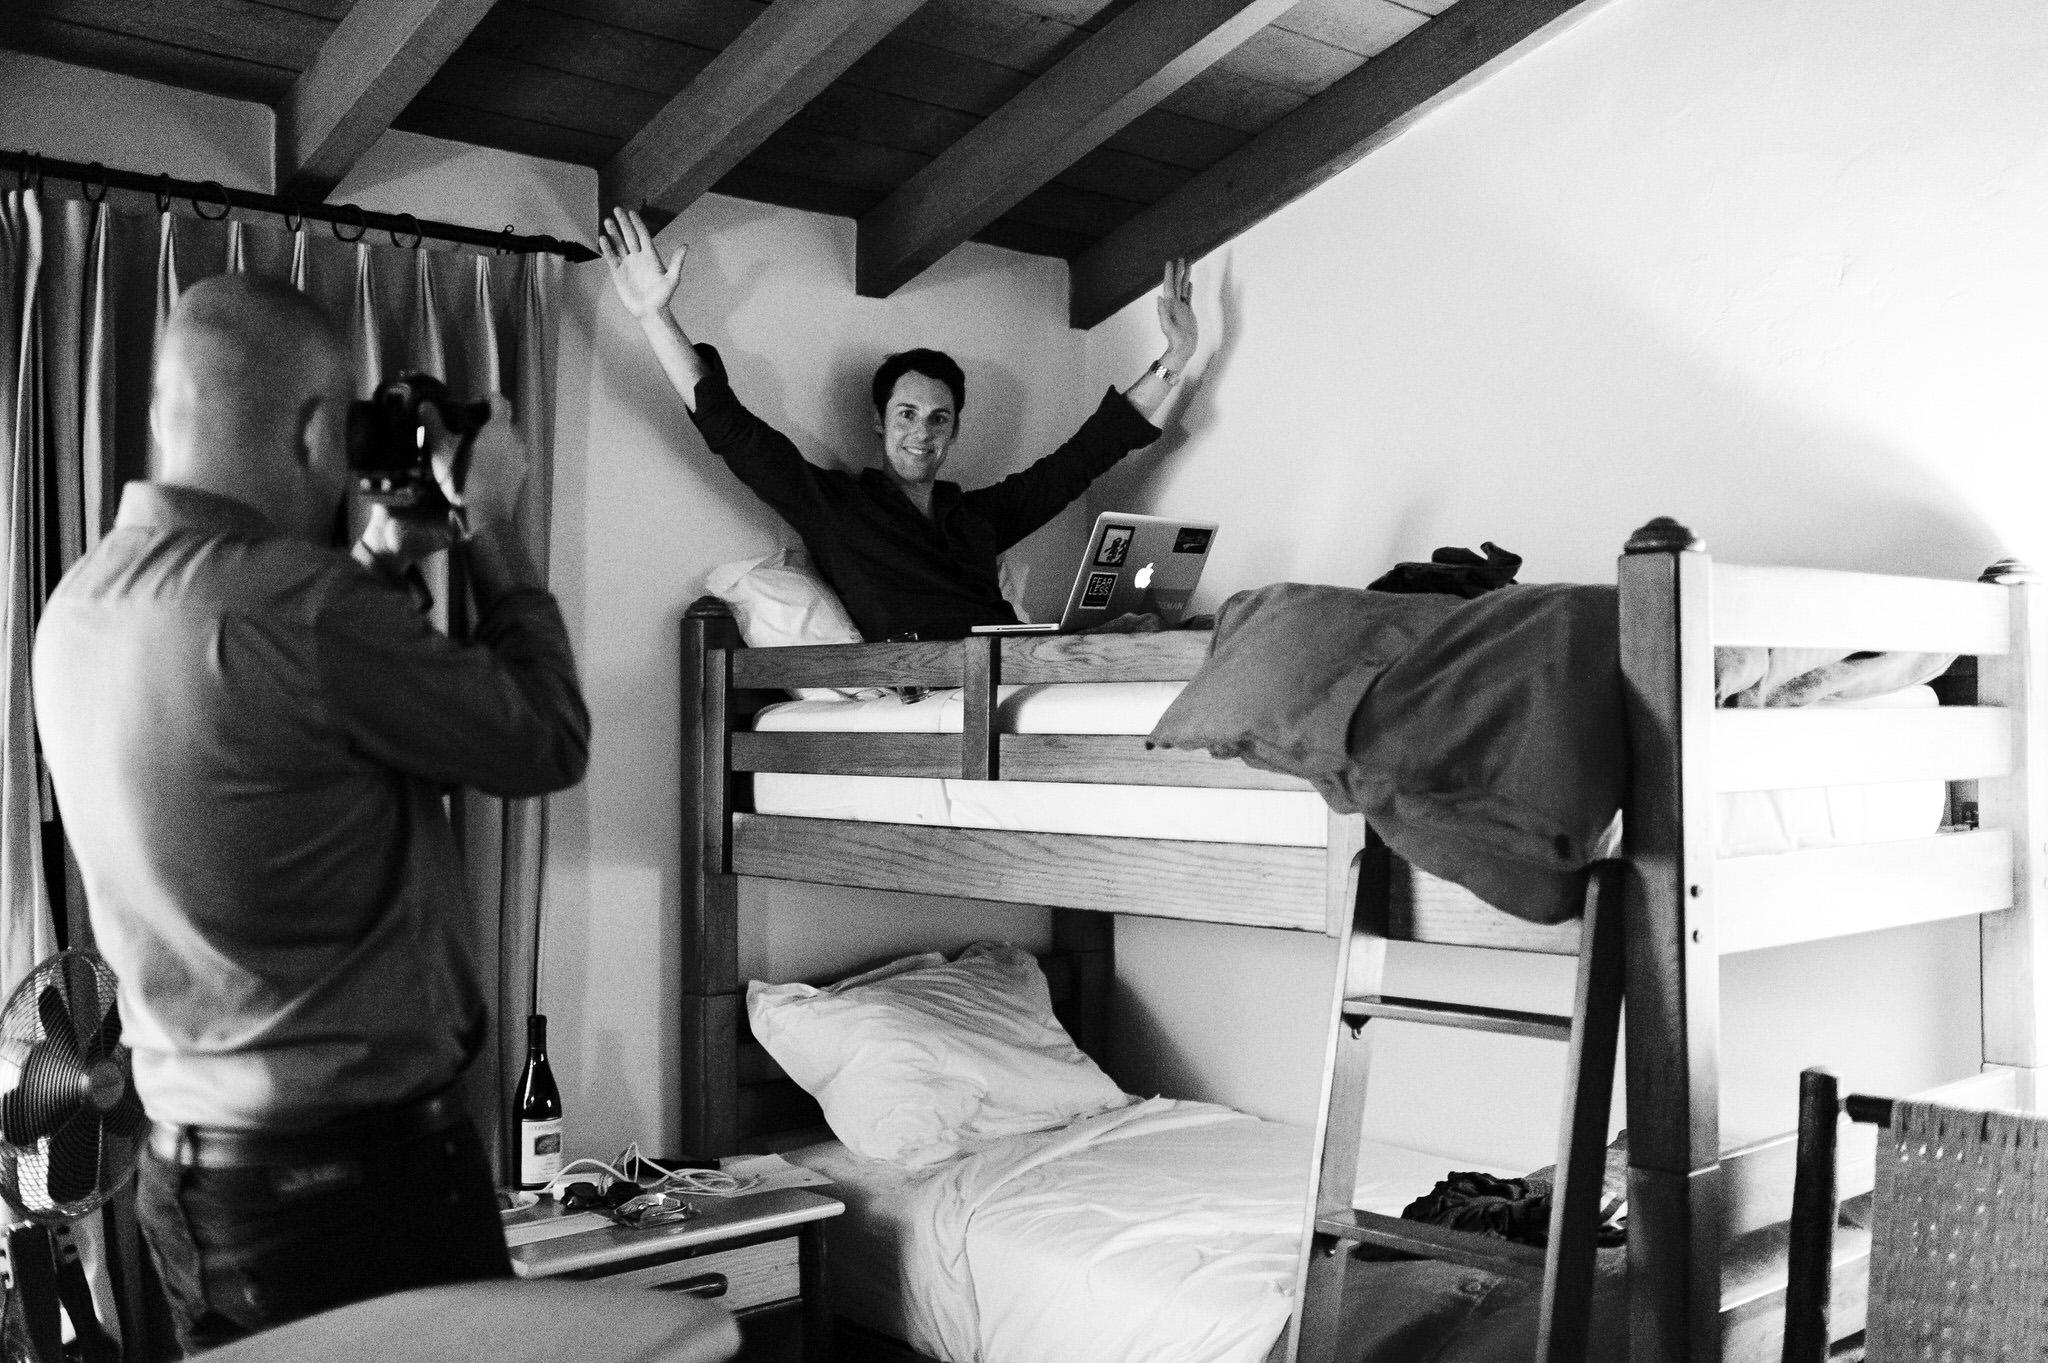 039-chrisman-studios-behind-the-scenes-2016